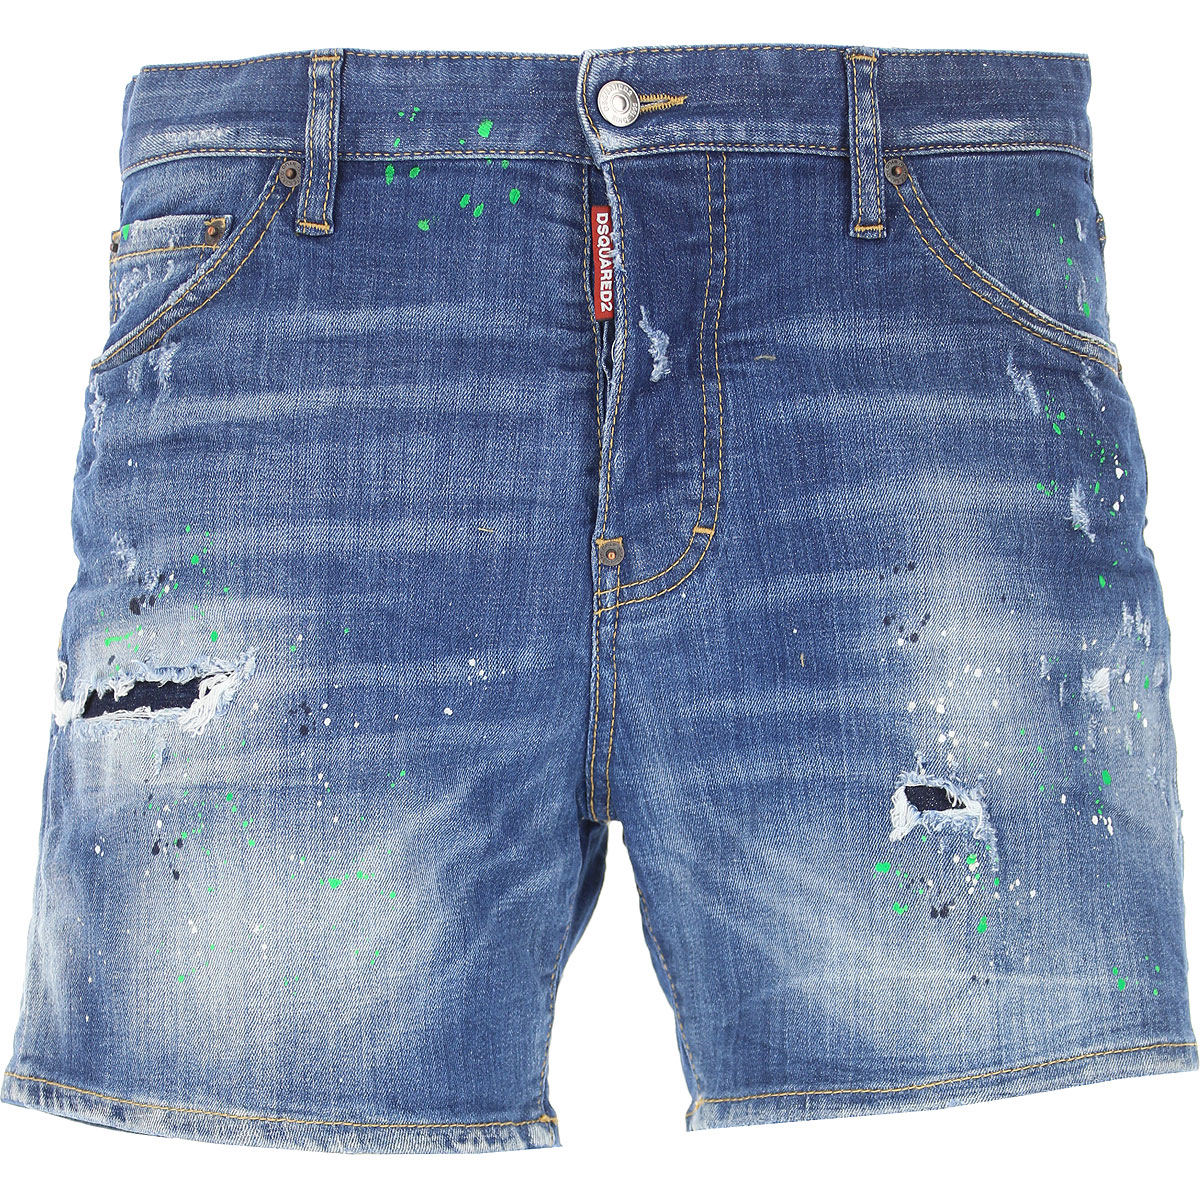 Dsquared2 Jeans, Denim Blue, Cotton, 2017, 28 30 32 34